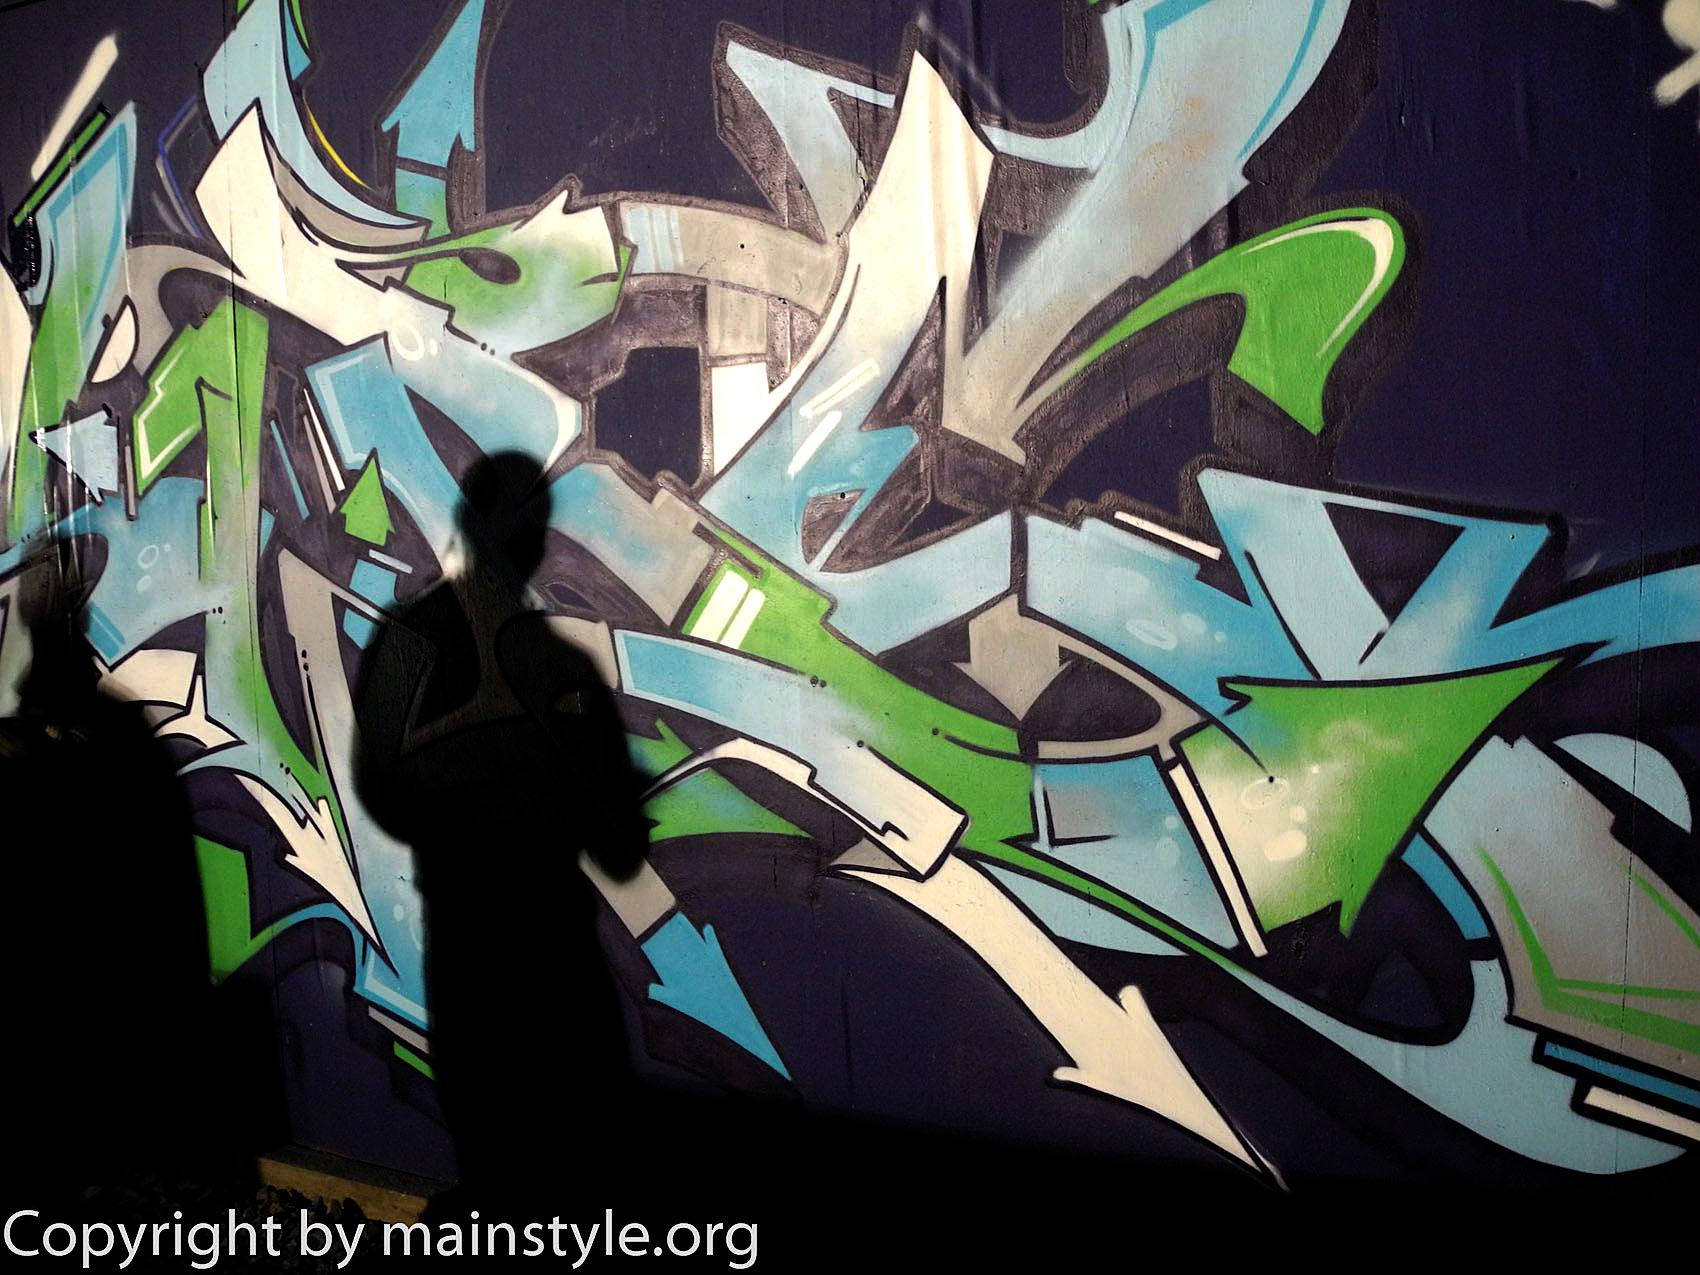 Frankfurt_Nacht_der_Museen_Graffiti_EZB_2013_-210